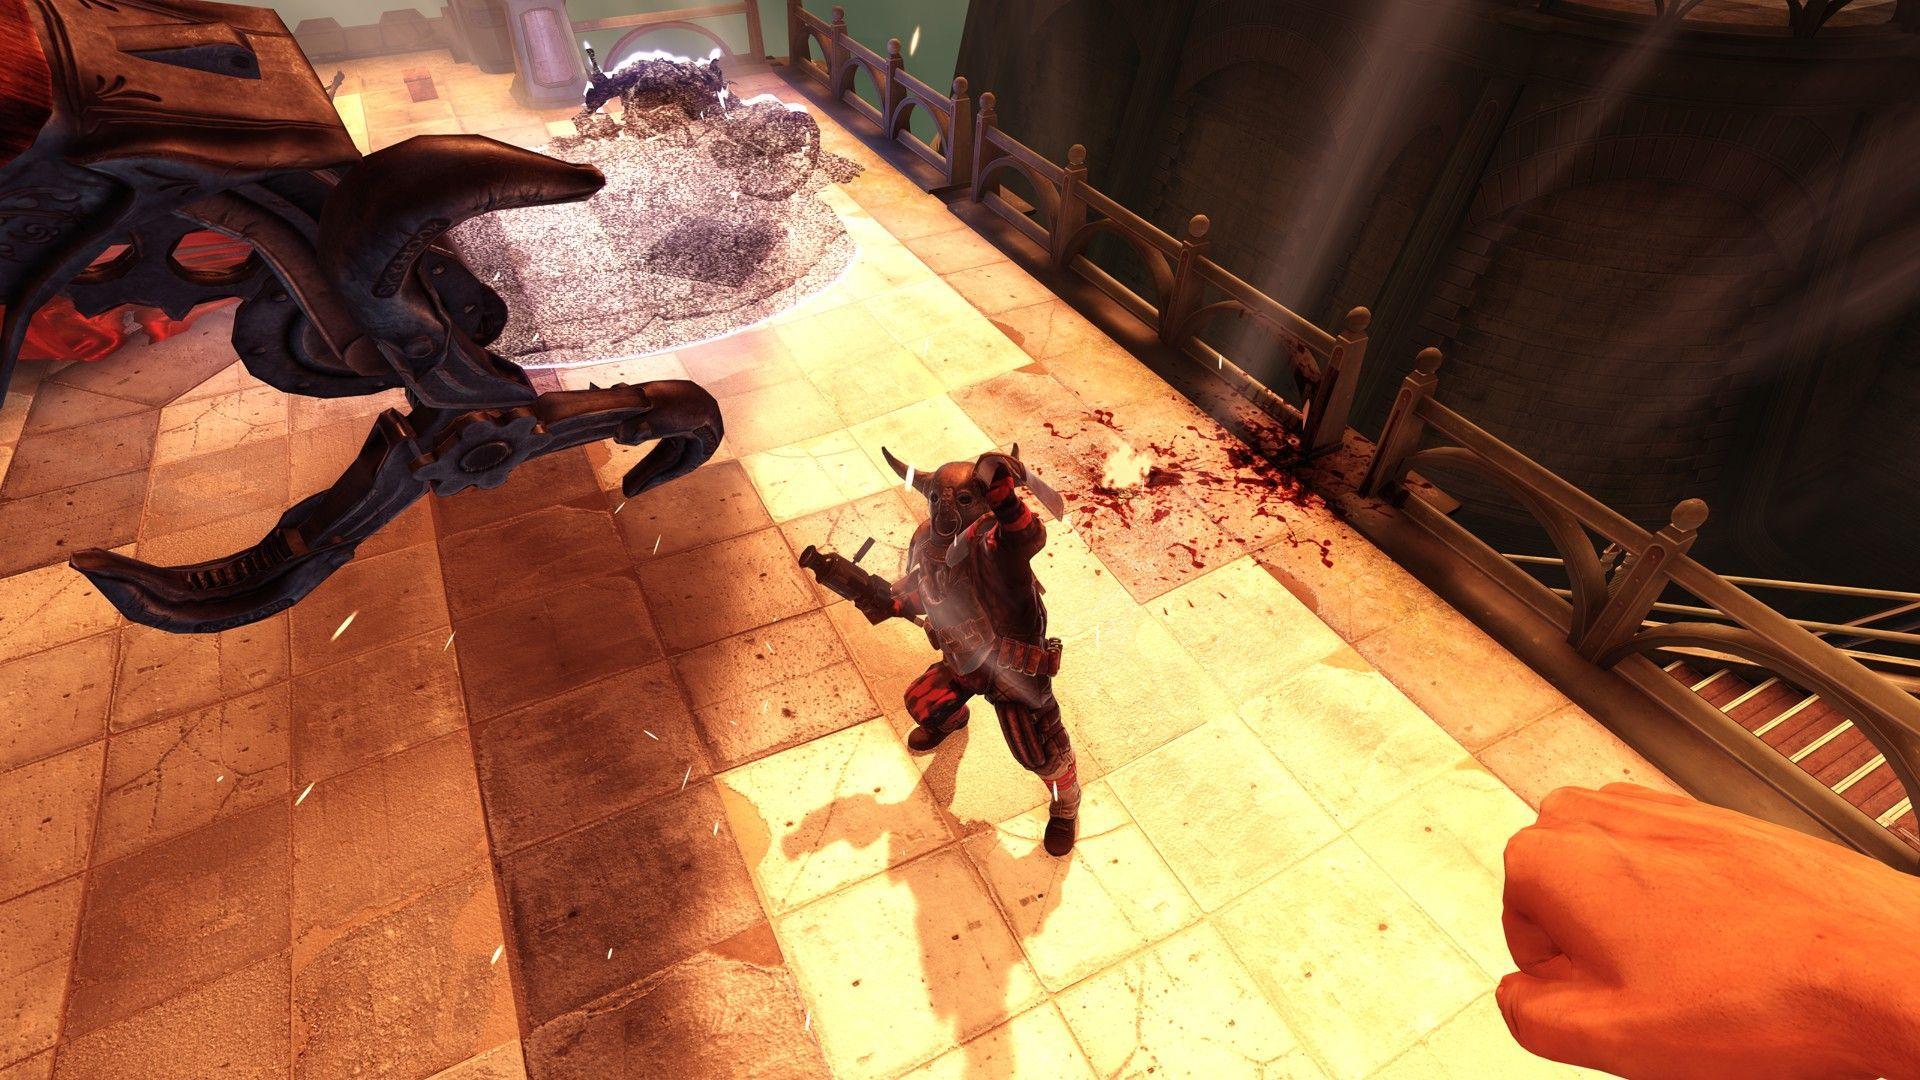 BioShock Infinite (PC) - 7